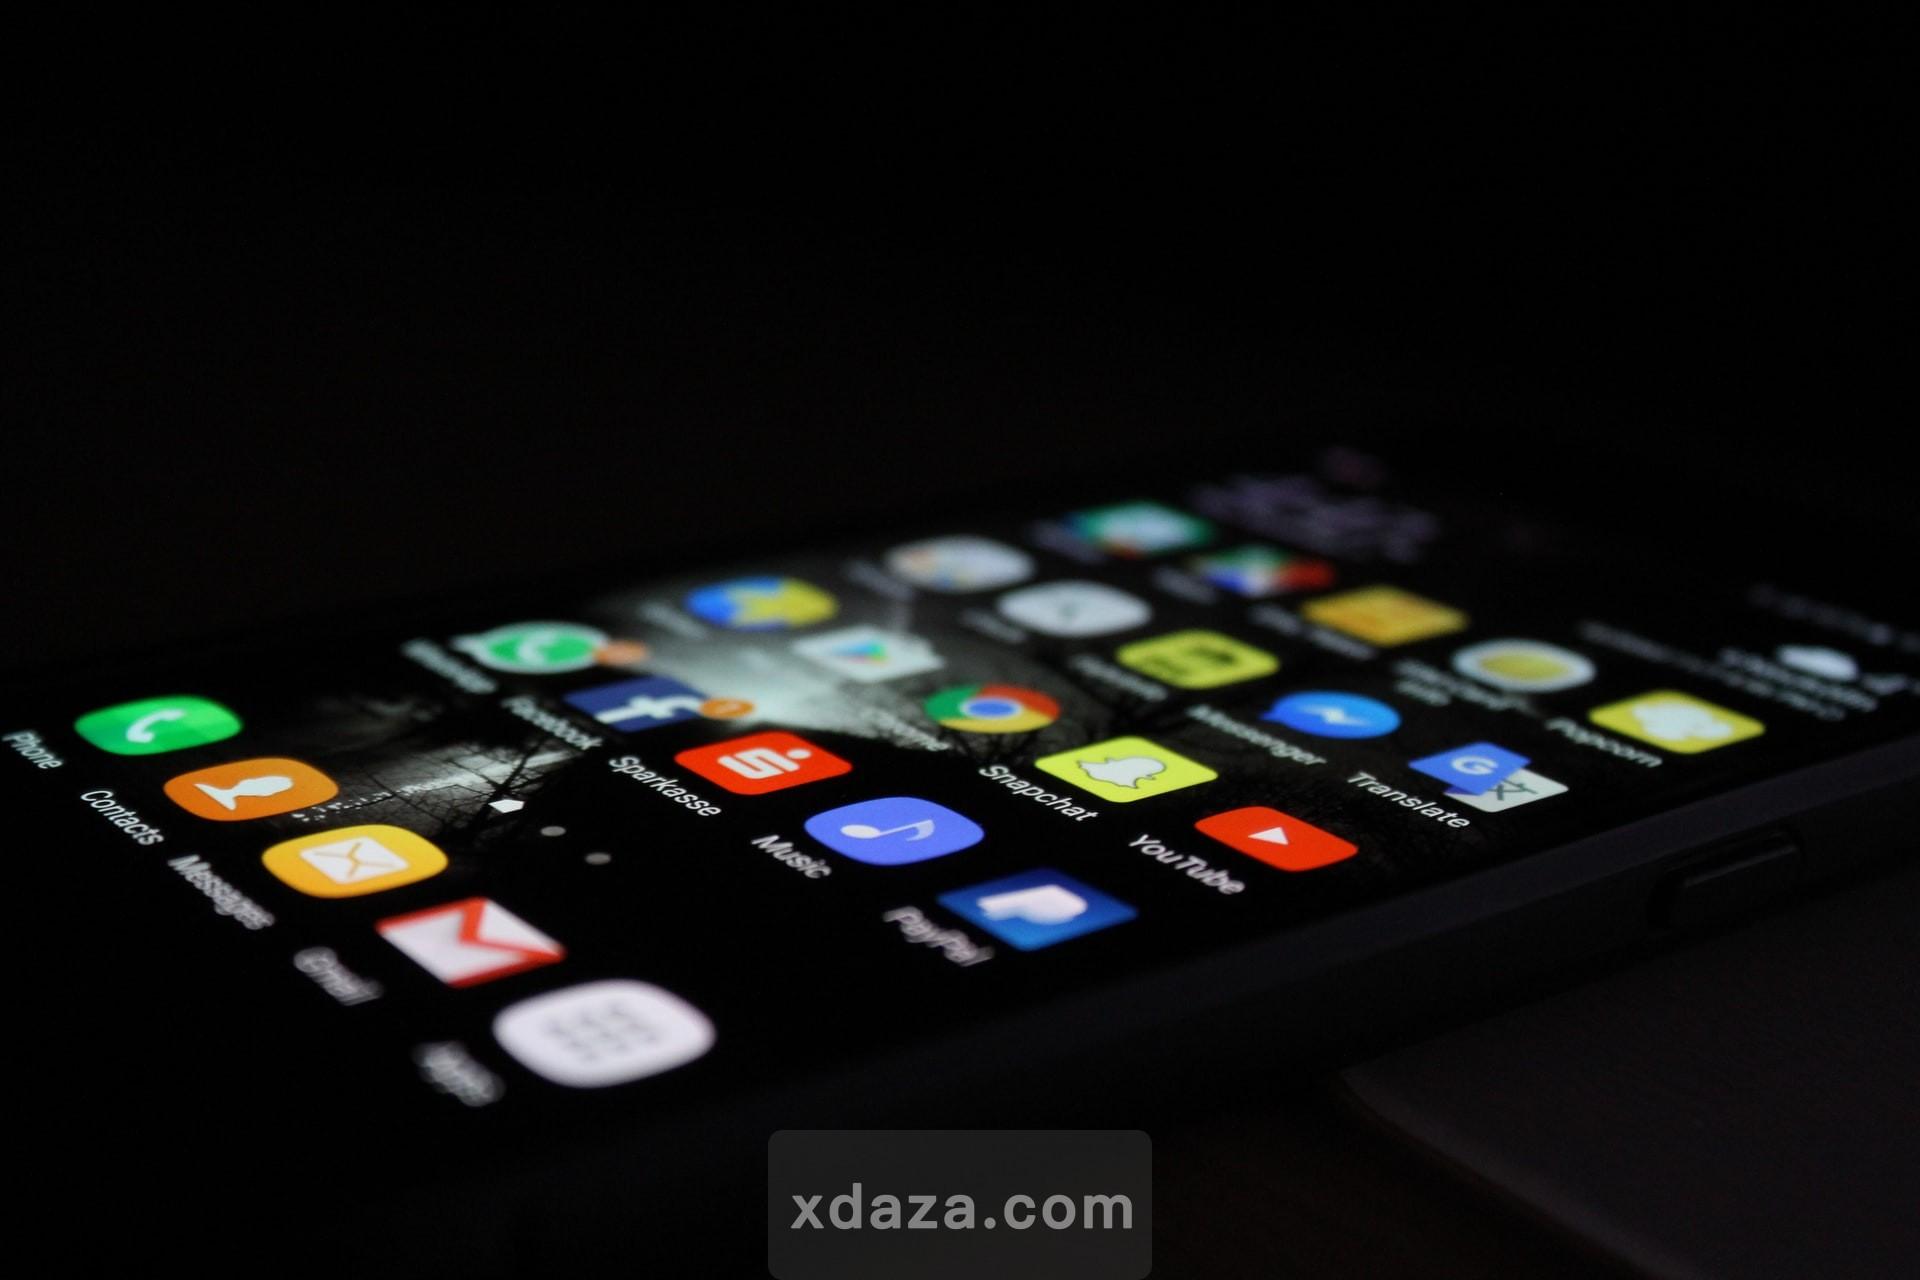 今年前五月国内手机出货量累计1.08亿部:华为大幅下降